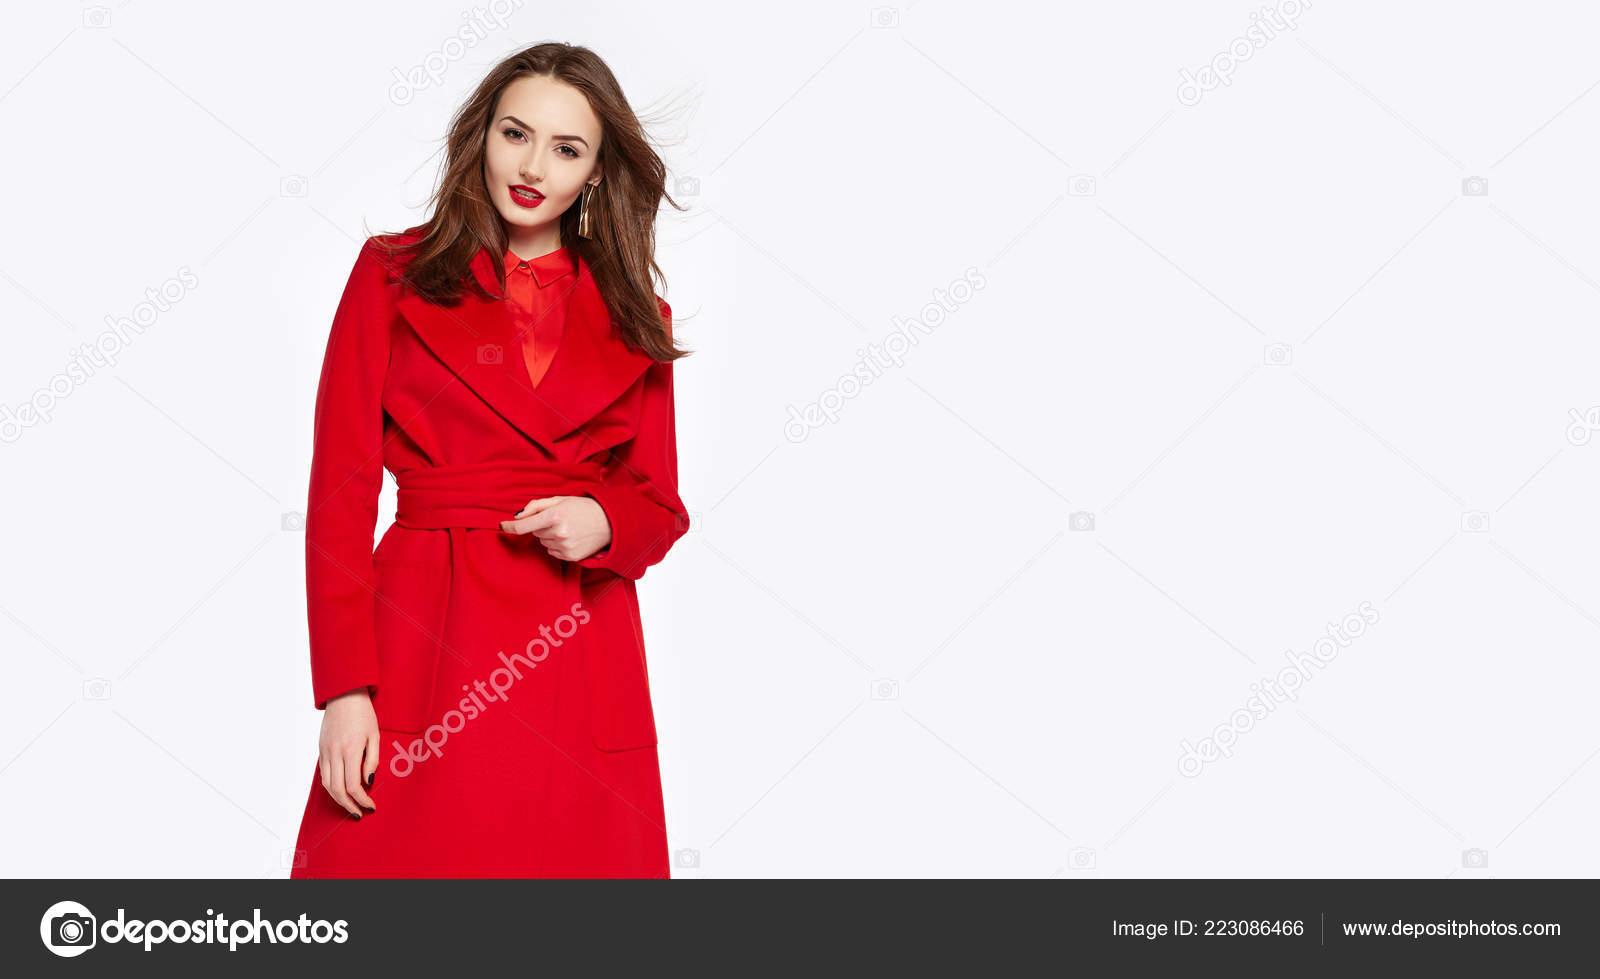 Elegante Ausschluss Der Suchen Dame Roten Mantel Unter cqA5R34jLS